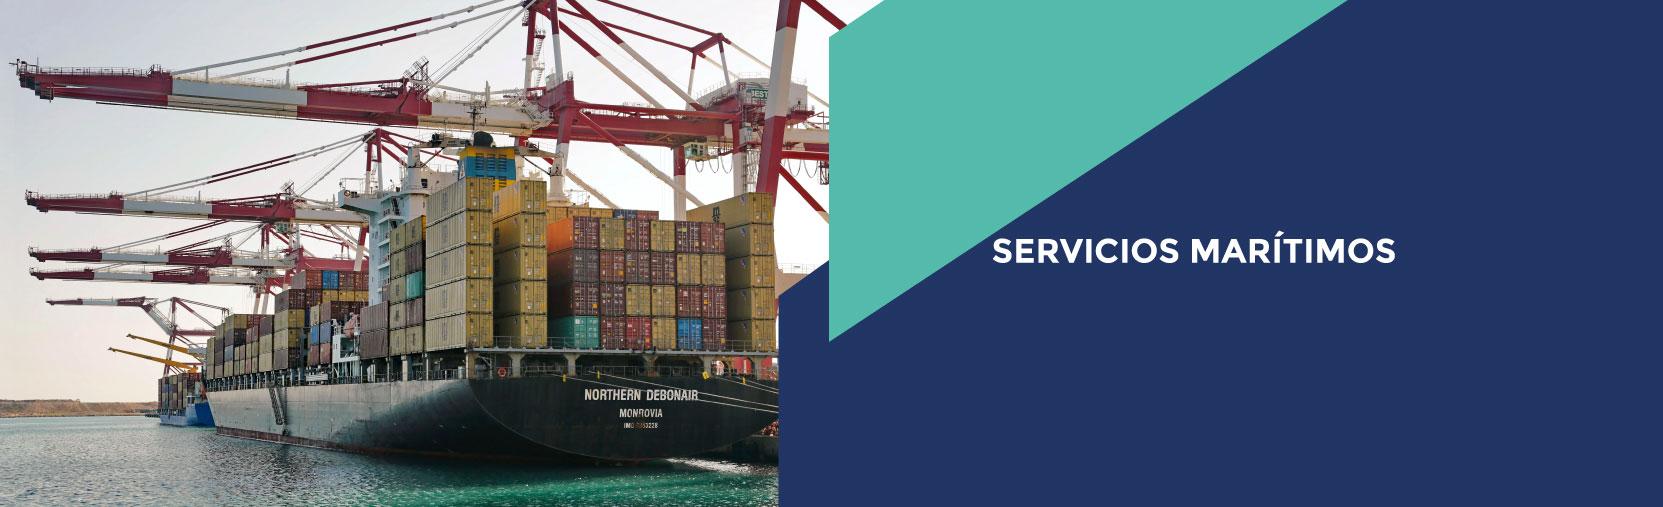 slide Servicios marítimos es